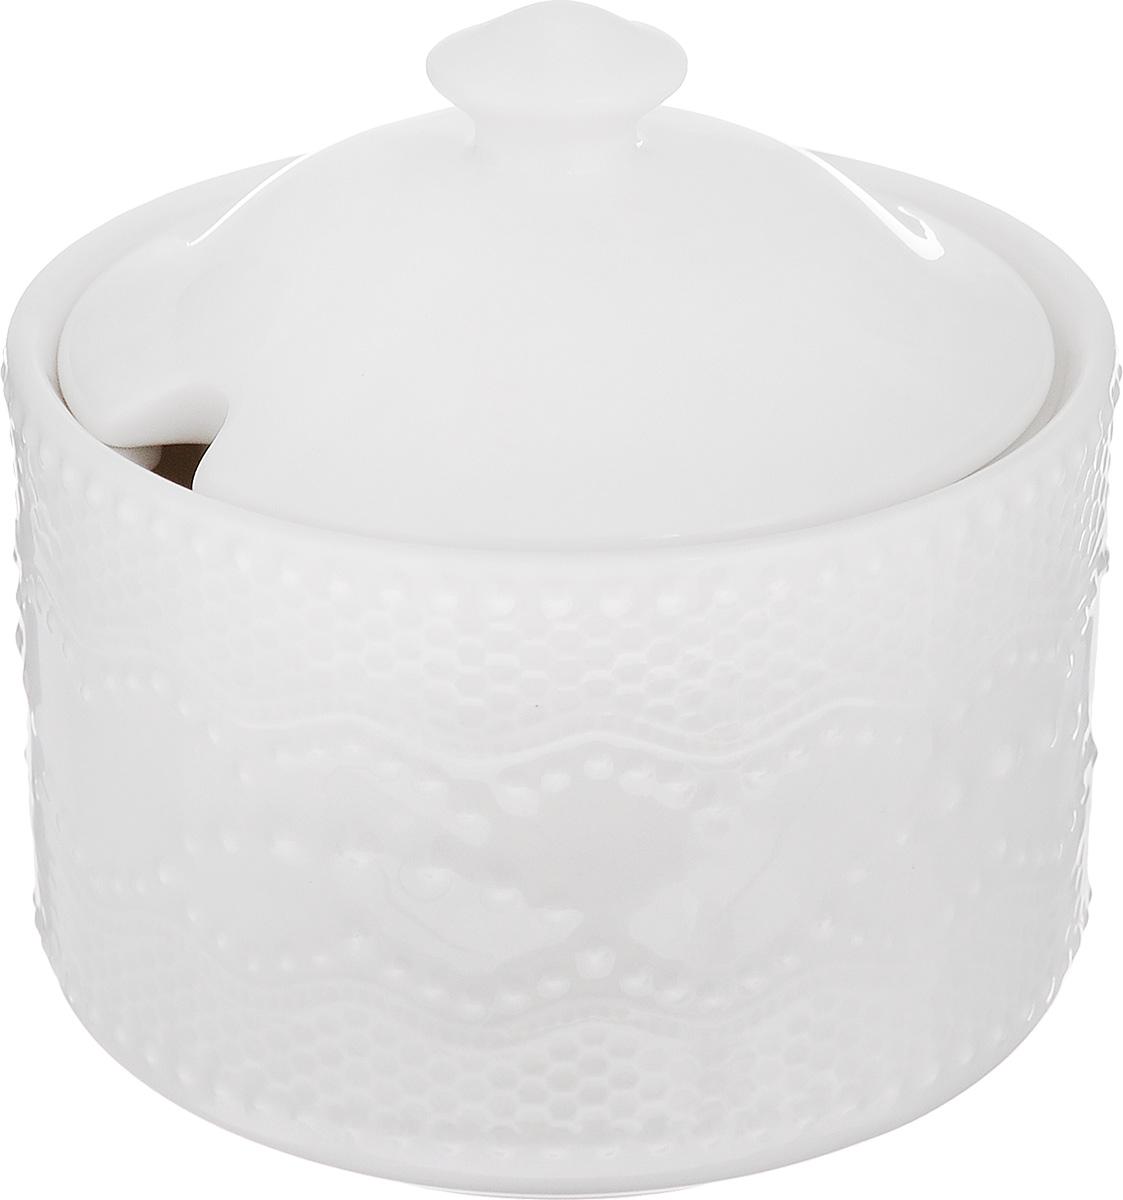 Сахарница Walmer Vivien, цвет: белый, 300 млW07250010Великолепная сахарница Walmer Vivien выполнена из высококачественного фарфора и оснащена крышкой. Эксклюзивный дизайн, эстетичность и функциональность сахарницы делают ее незаменимой на любой кухне. Диаметр сахарницы (по верхнему краю): 9,7 см. Высота сахарницы (без учета крышки): 7 см.